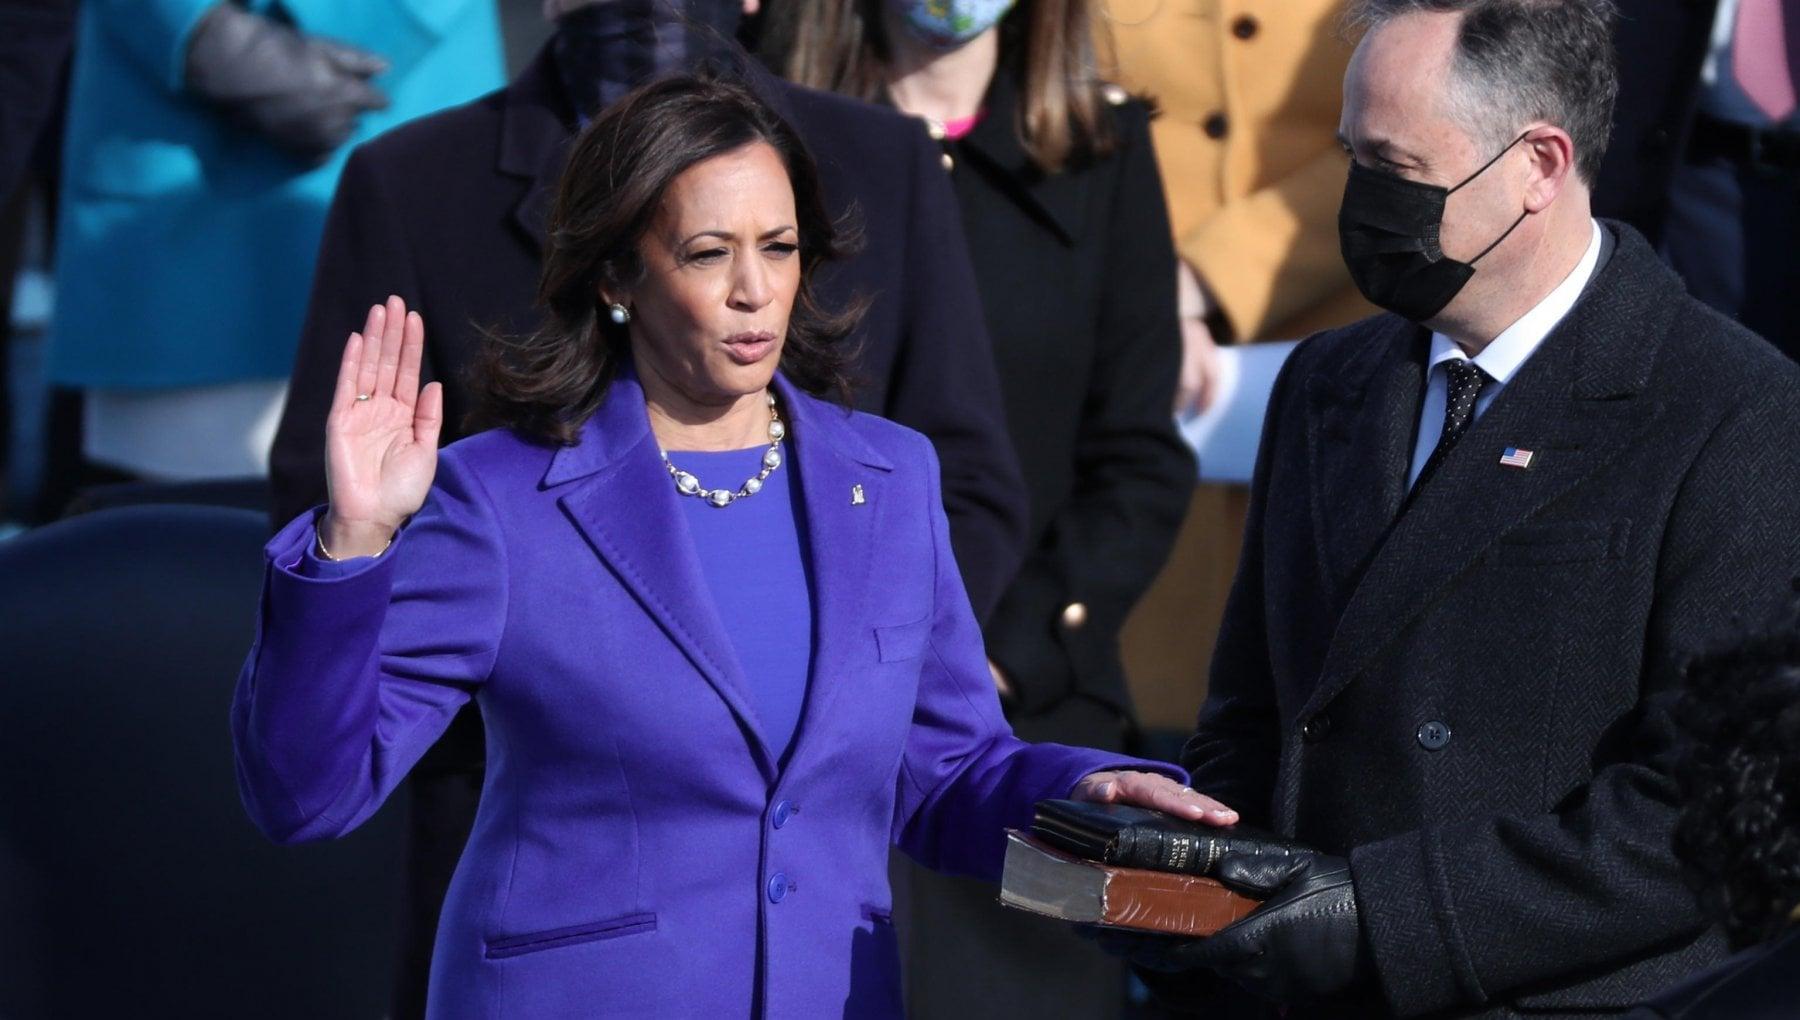 Usa 2021 la carica degli indiani nella nuova Amministrazione di Joe Biden